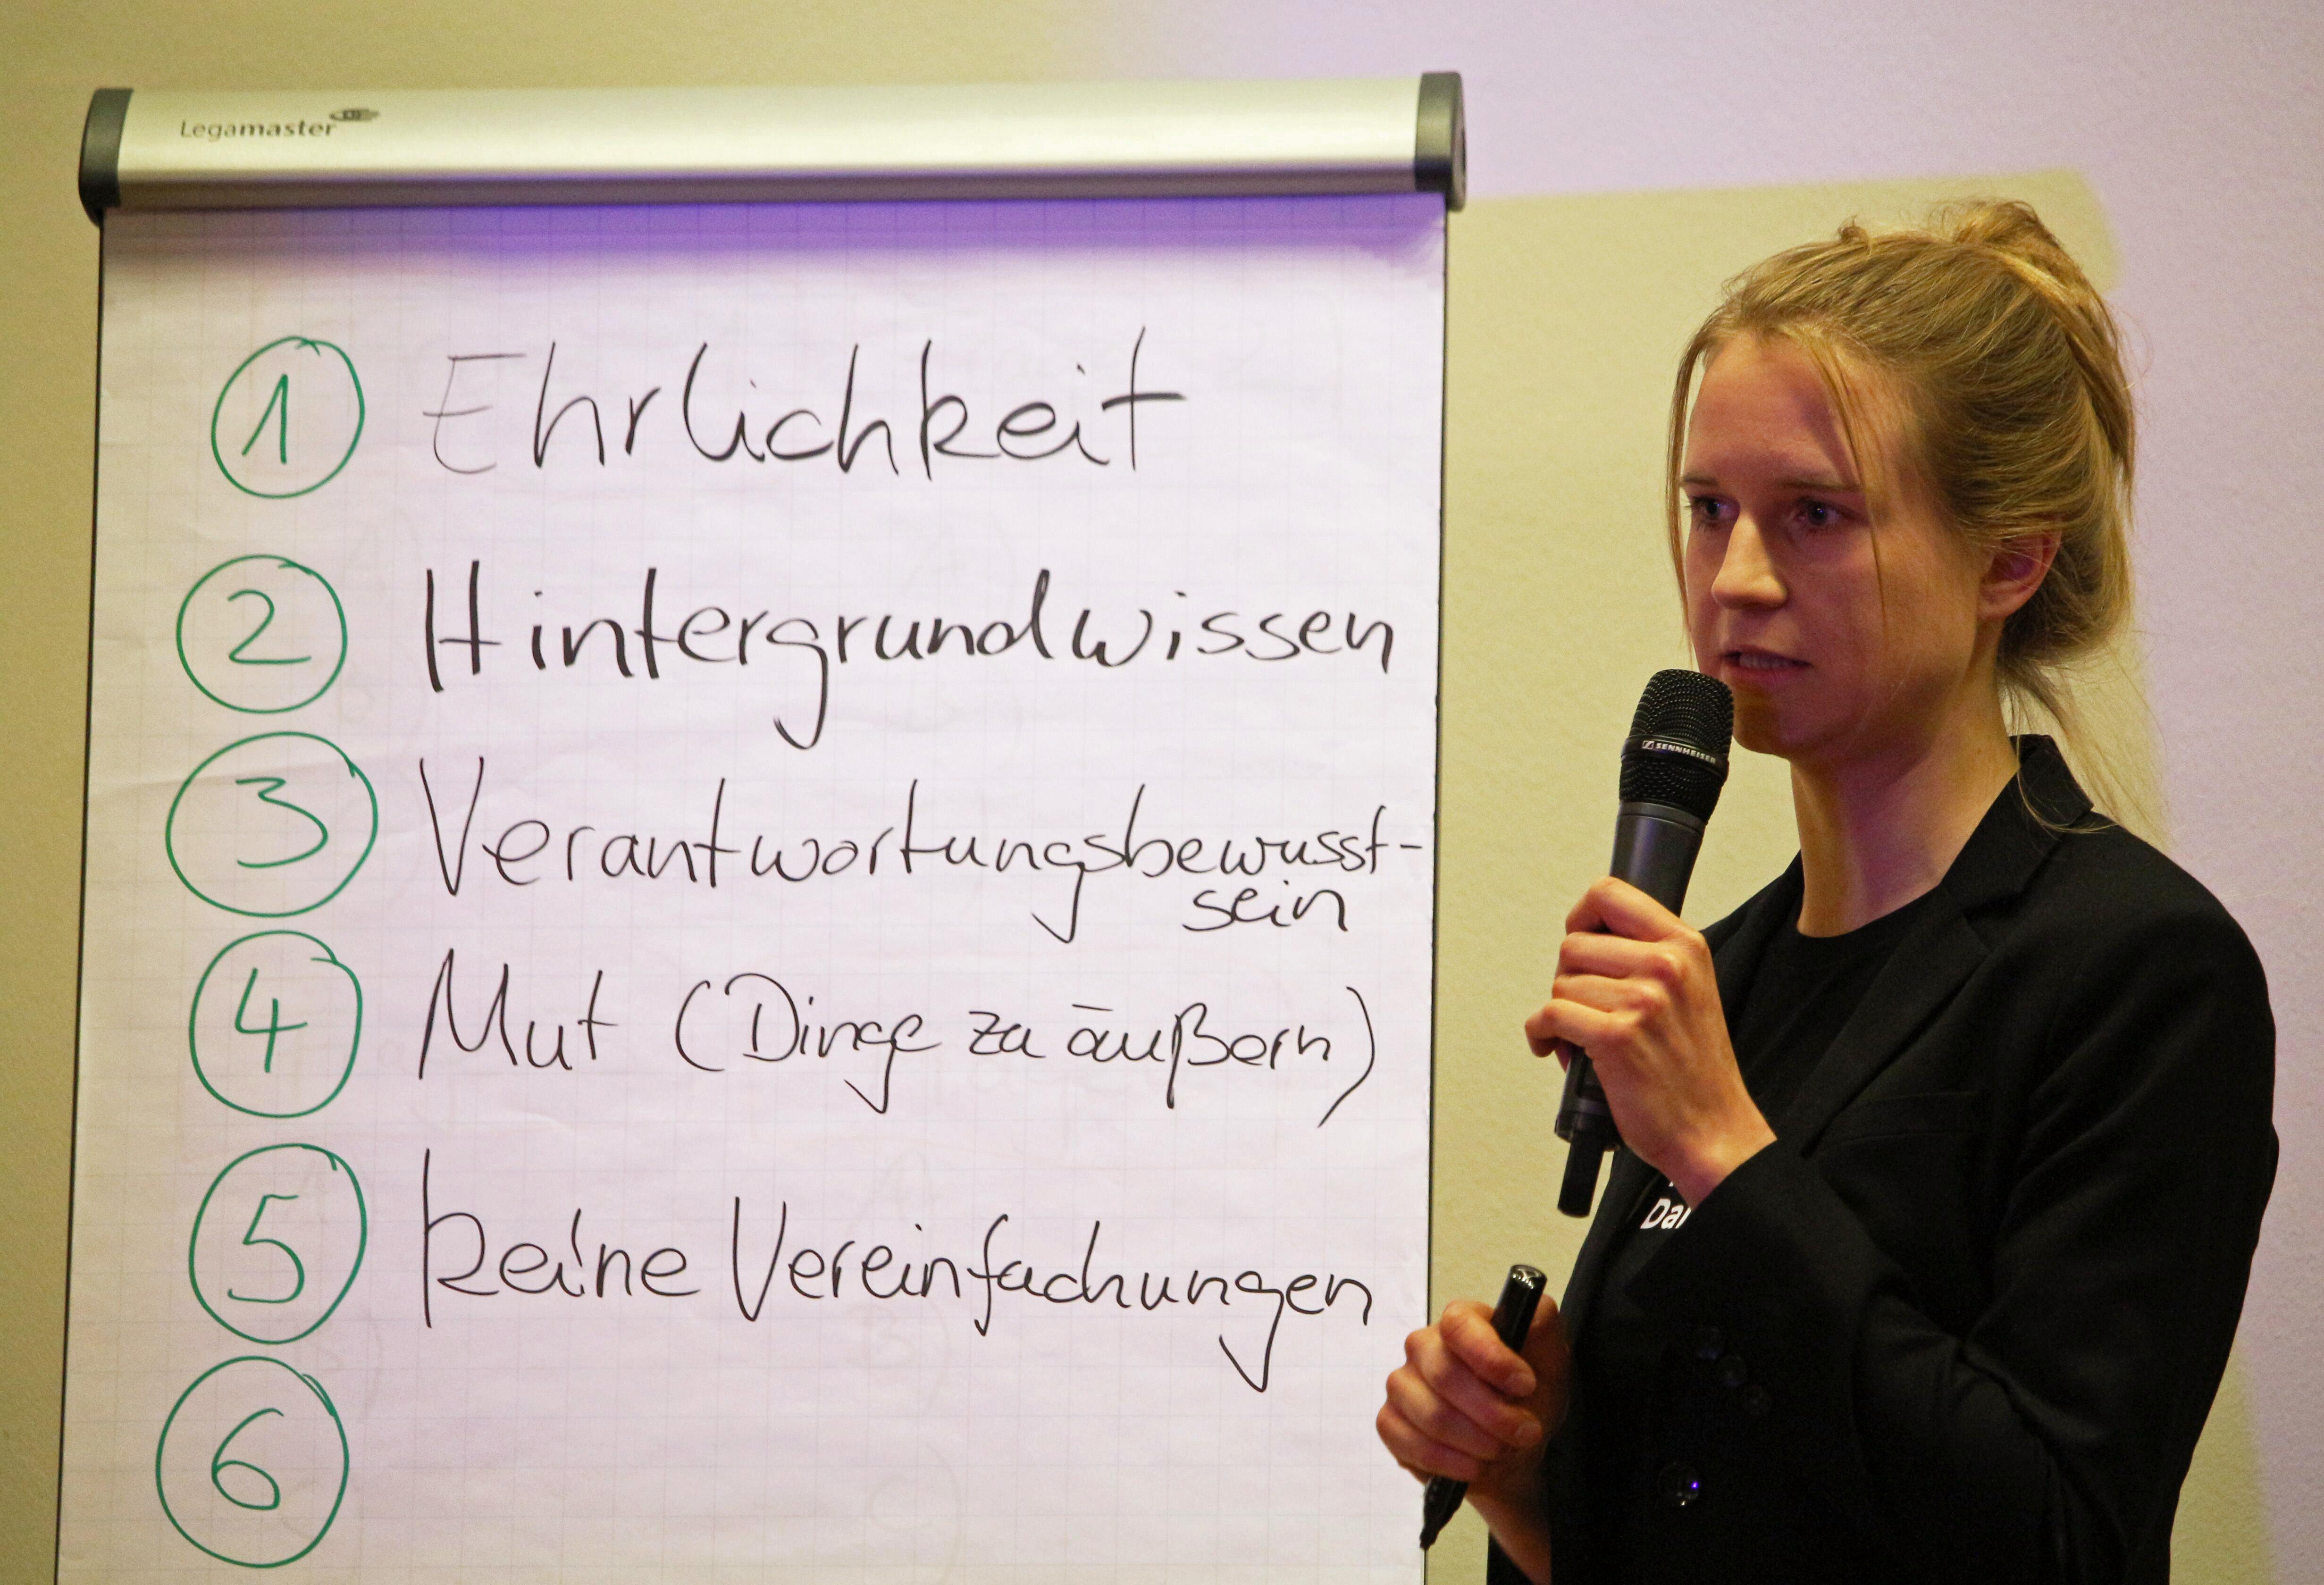 Maren_Urner_in_Münster_Copyright_Bastian_Bonse